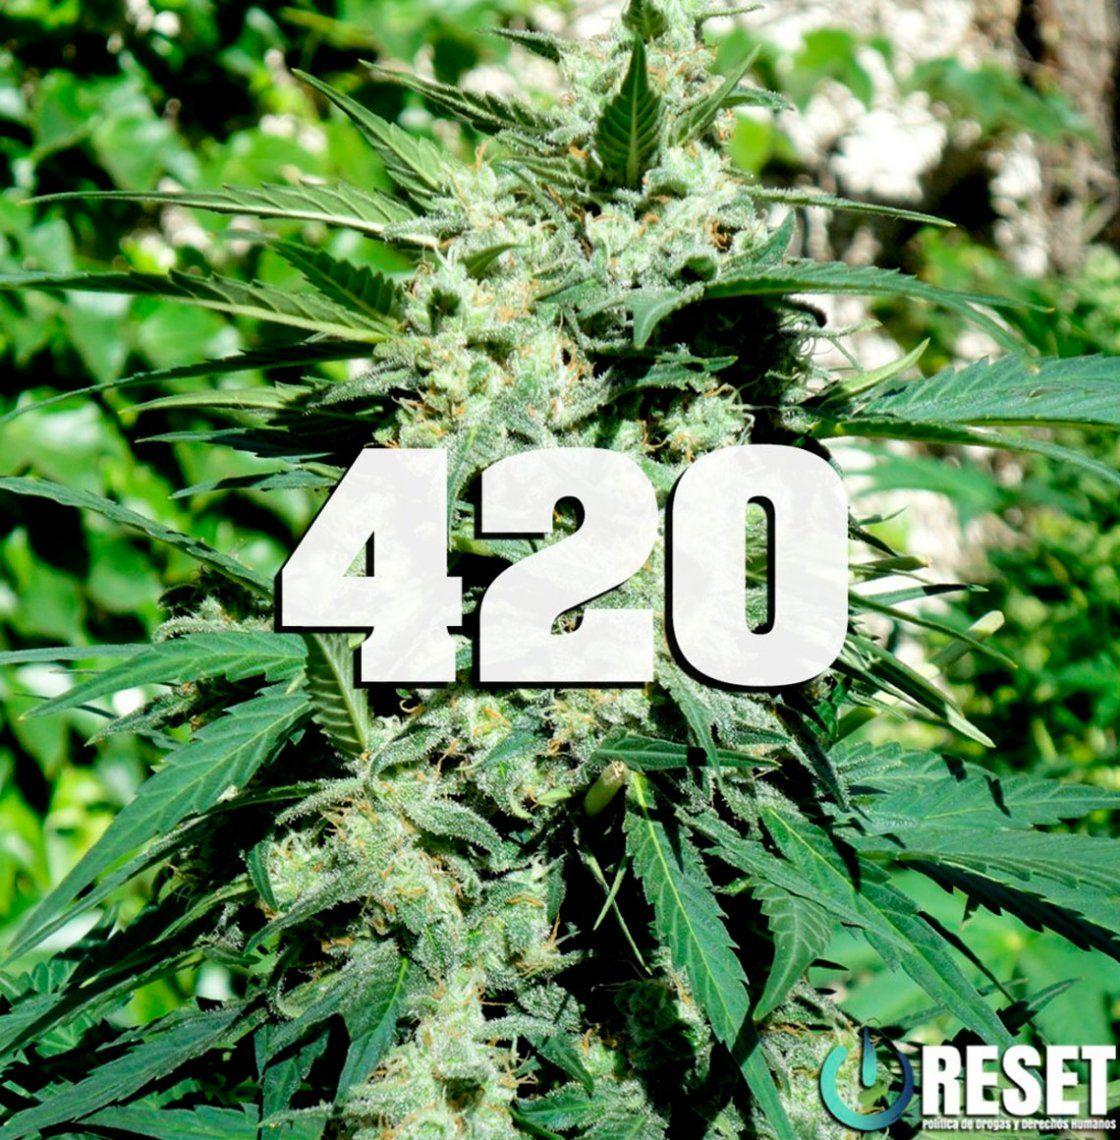 Día internacional de la marihuana: ¿Cuál es la verdadera historia del código 420?